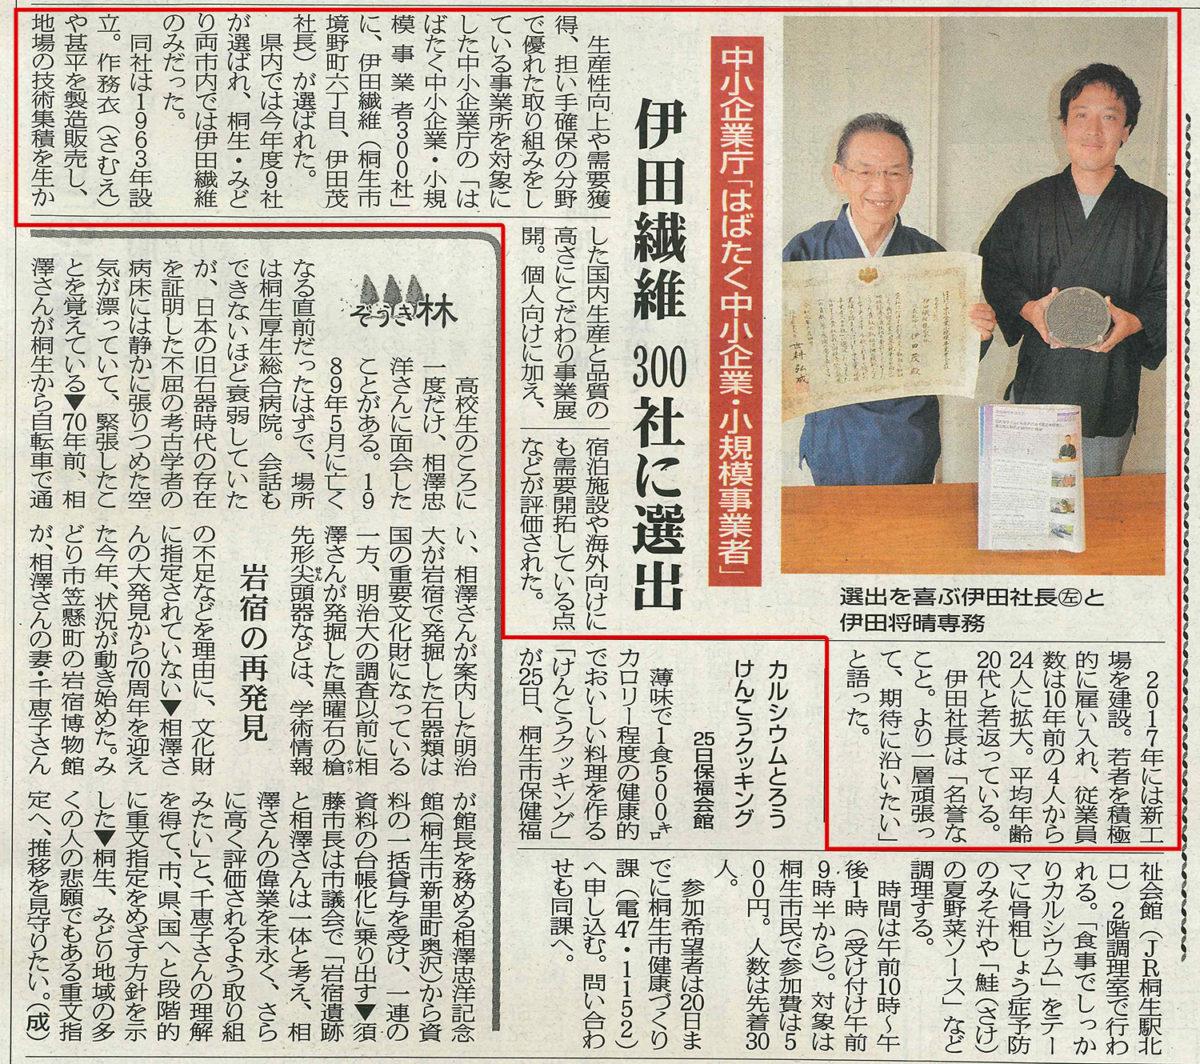 桐生タイムスにはばたく中小企業300社の記事が掲載